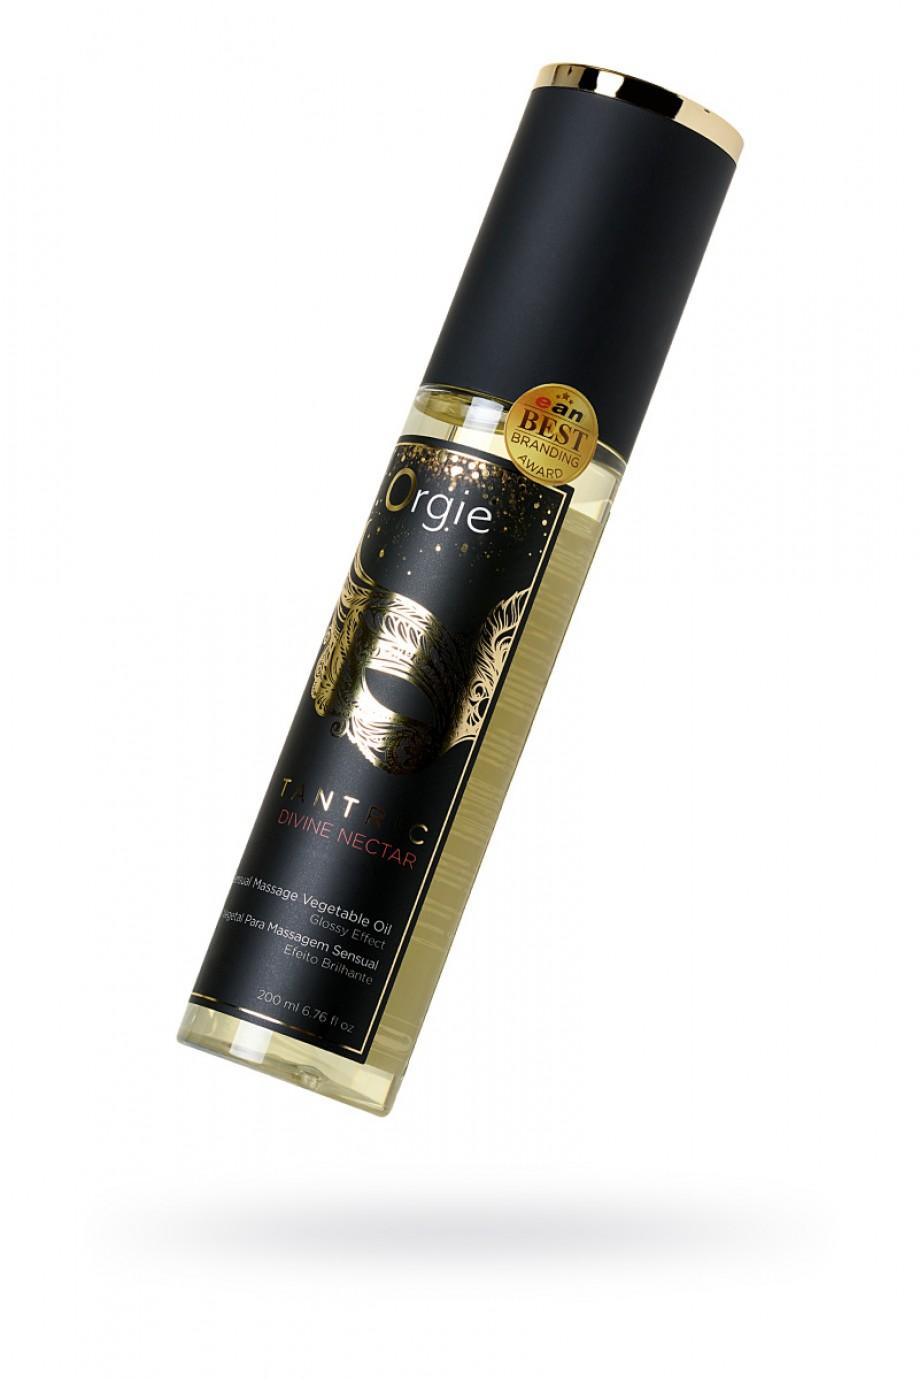 Растительное массажное масло Orgie Tantric divine nectar, 200 мл